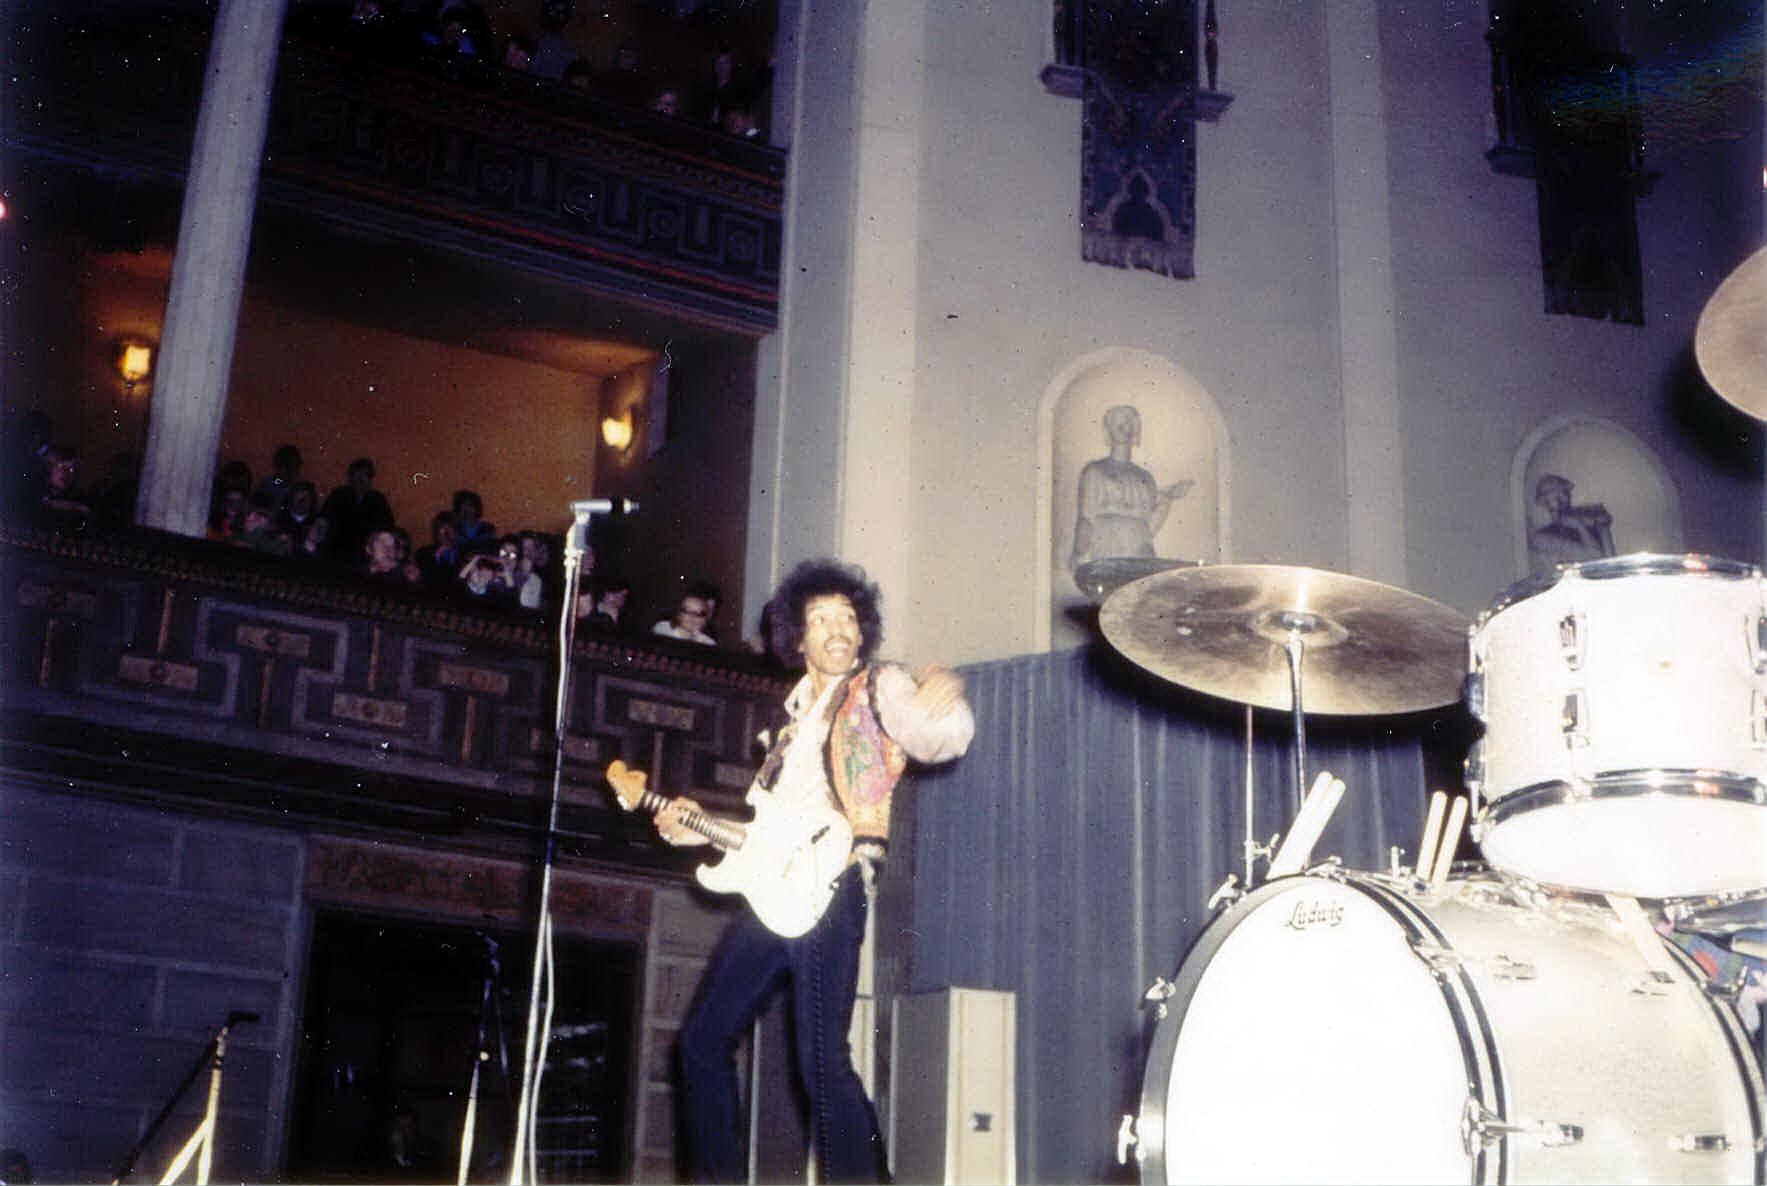 Stockholm (Konserthuset) : 8 janvier 1968 [Premier concert] 160180680108Konserthusetunknownshow1